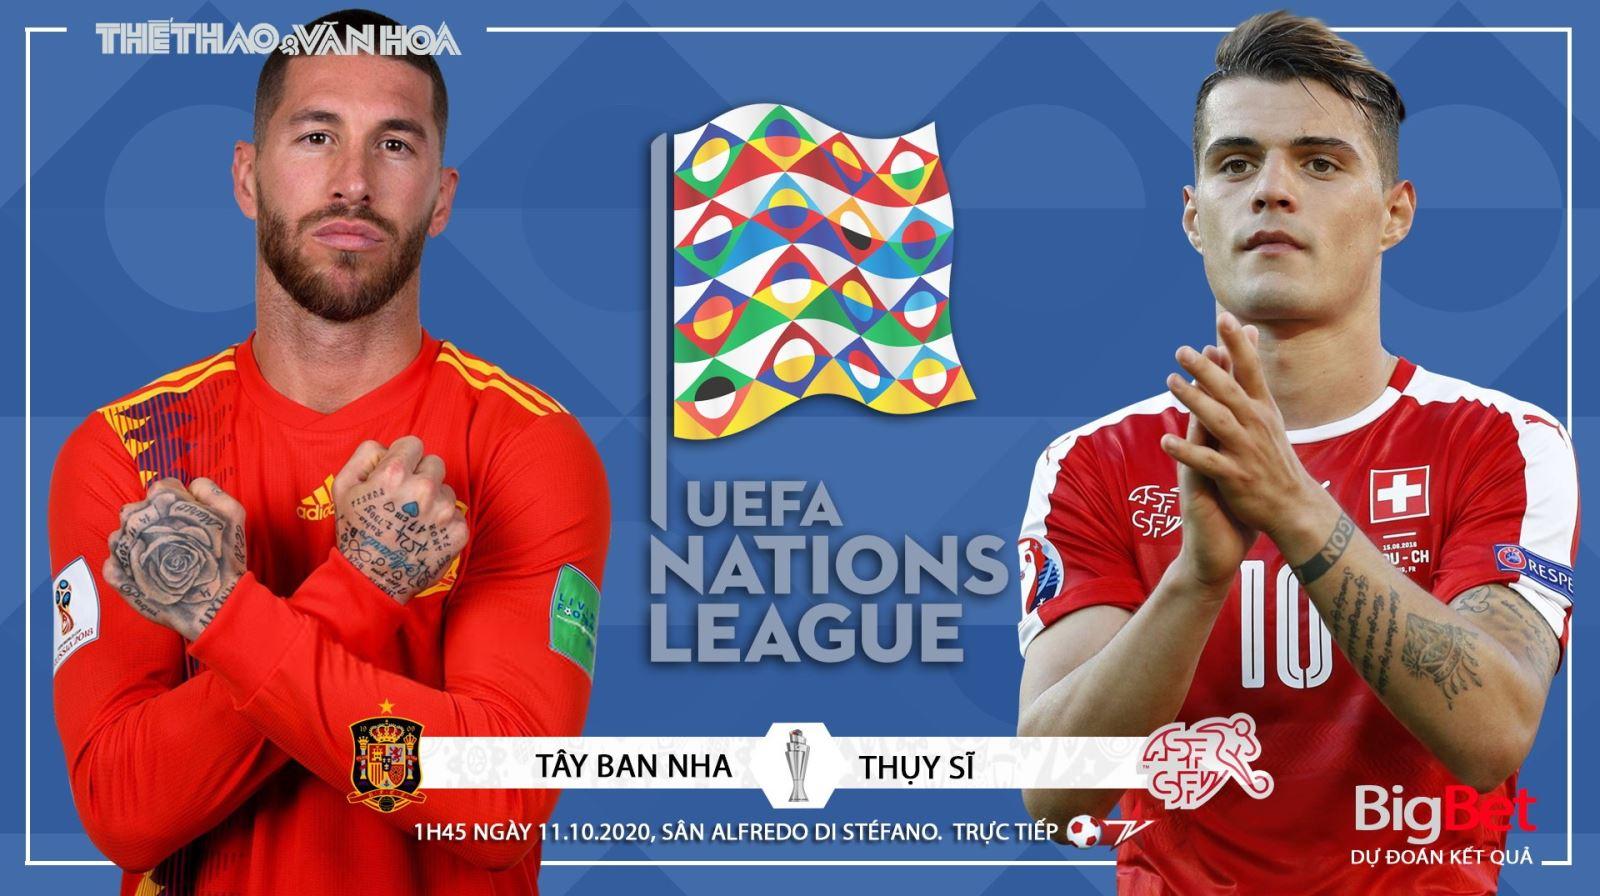 Soi kèo nhà cái Tây Ban Nha vsThụy Sĩ. UEFA Nations League. Trực tiếp K+PC, BĐTV